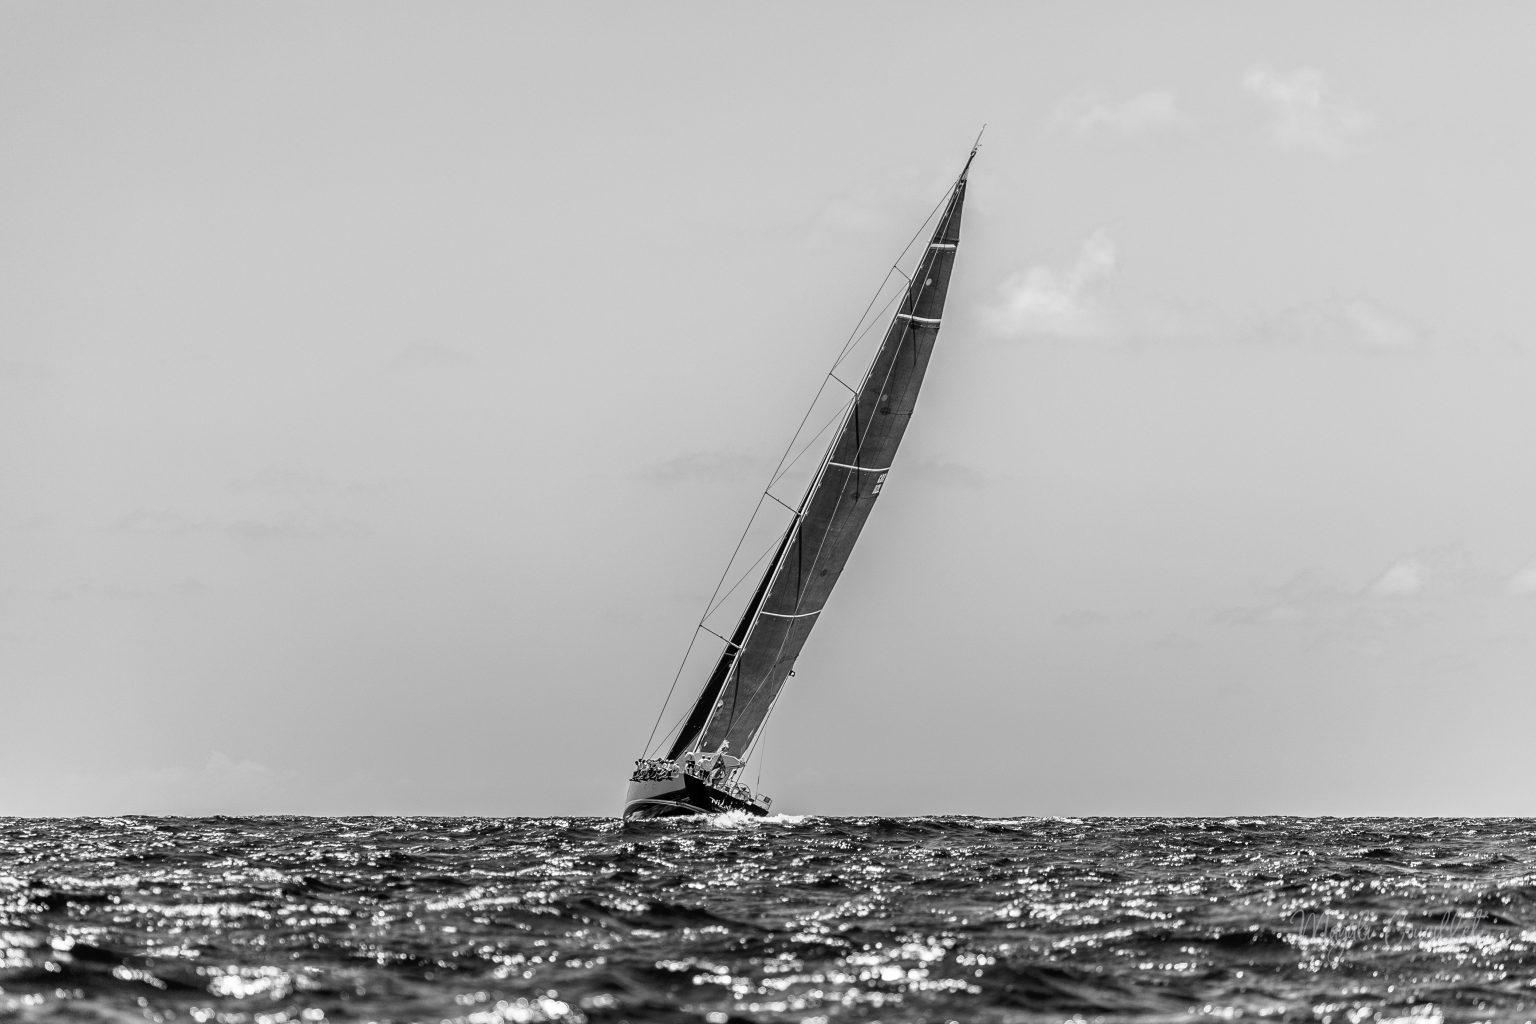 Nilaya yacht, Bucket Regatta 2019 St Barths